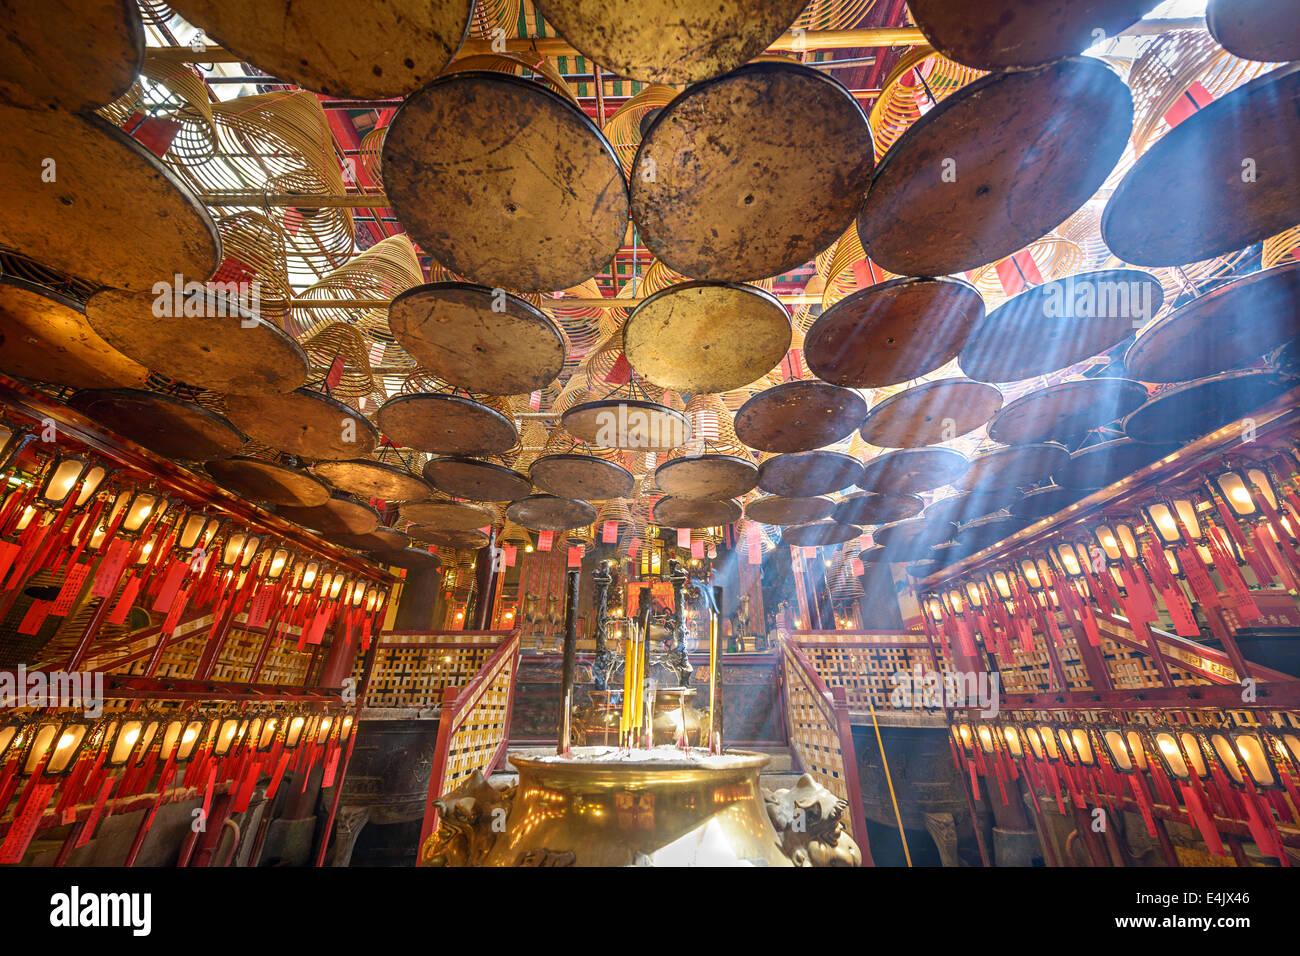 Man Mo Temple in Hong Kong, China. - Stock Image